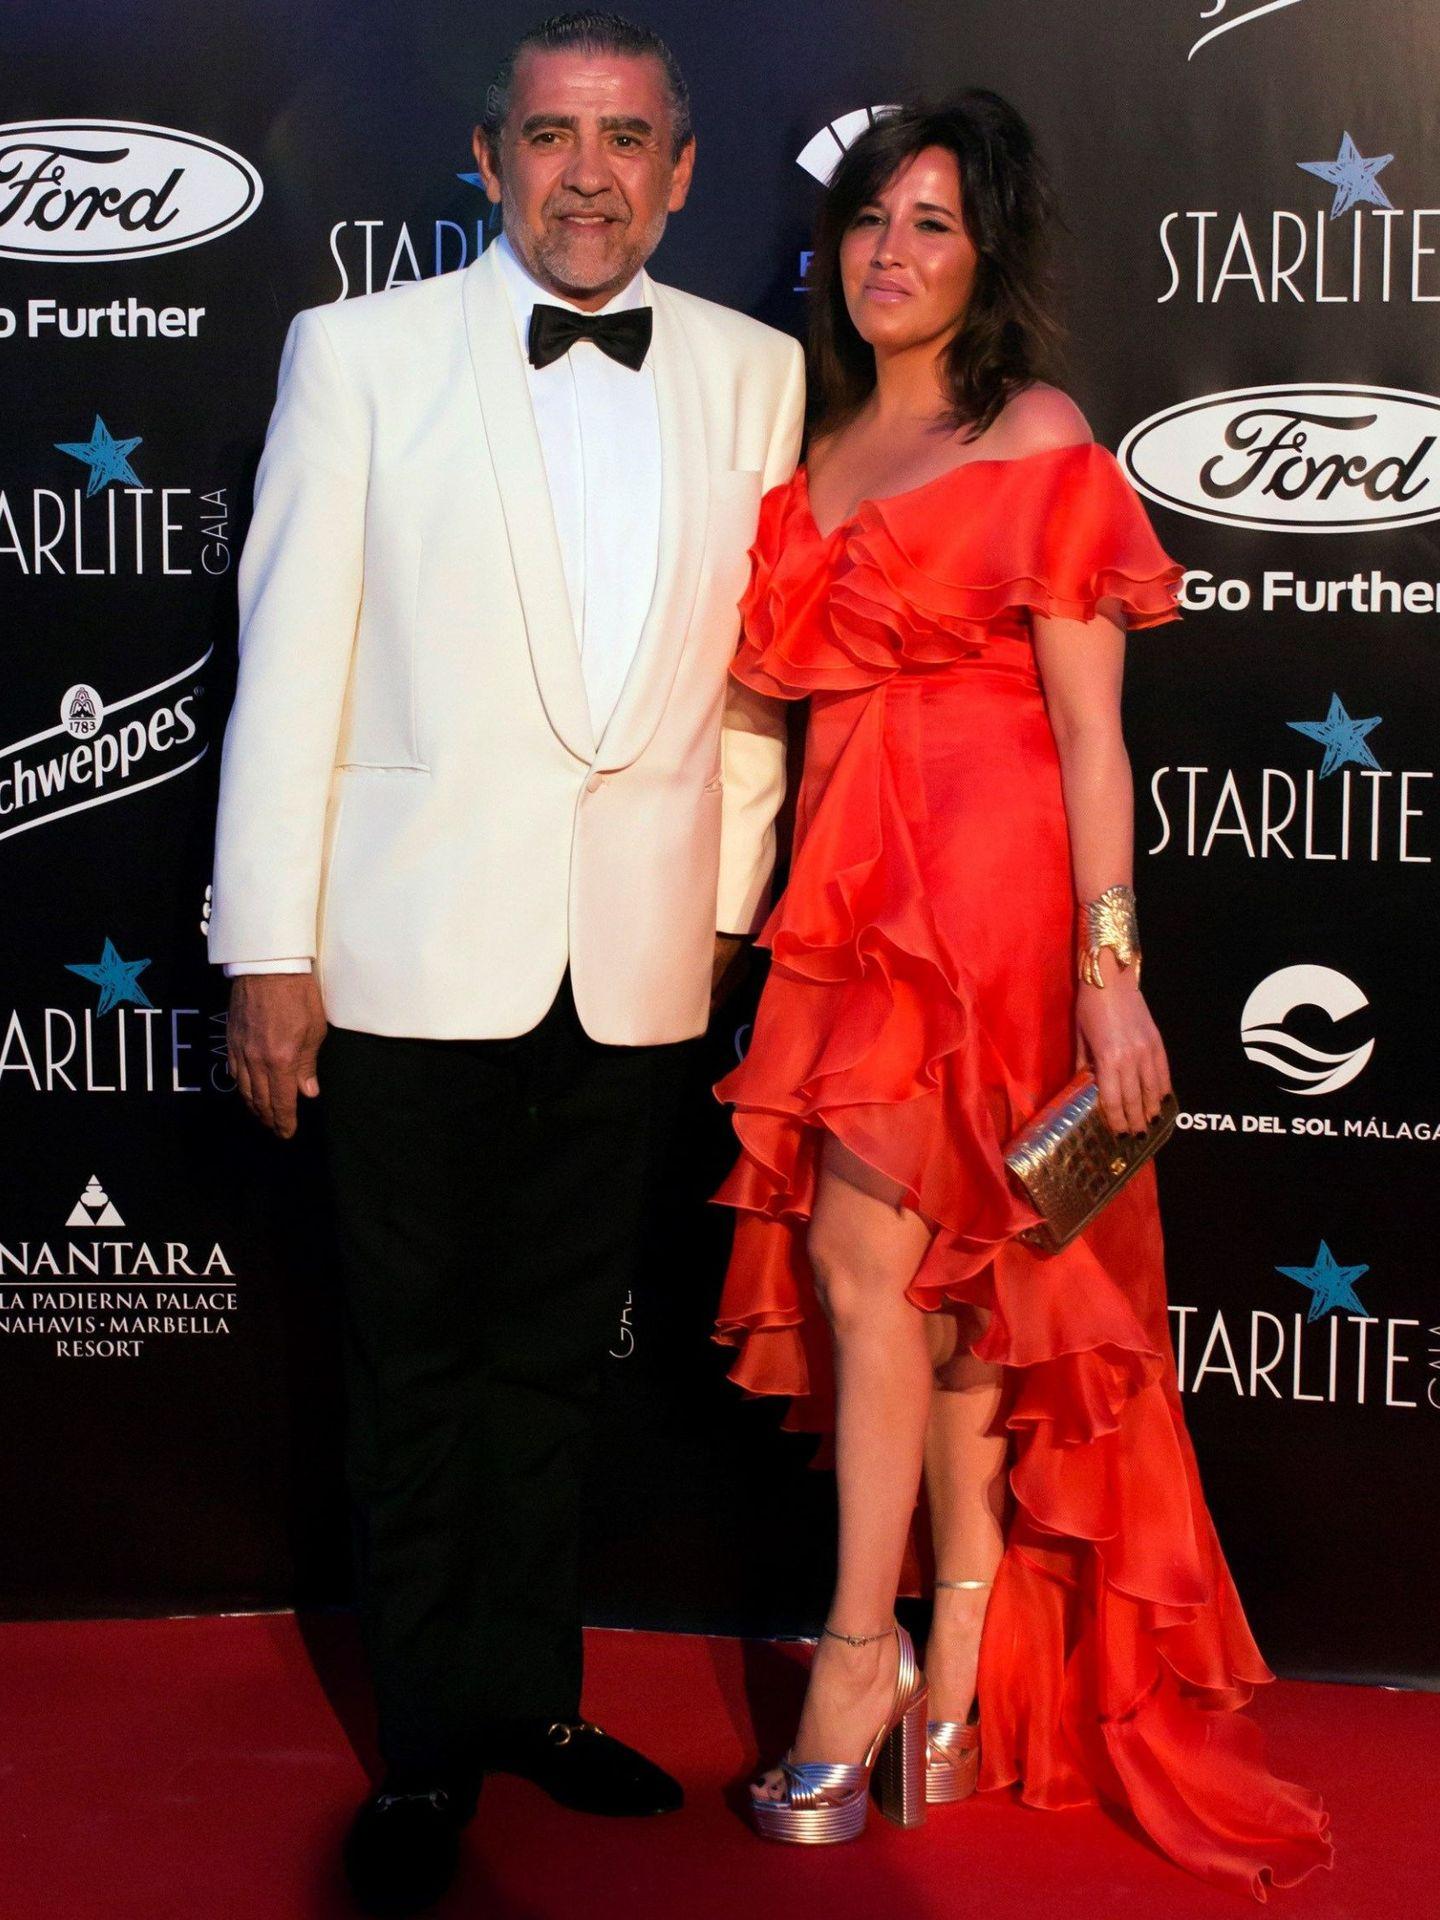 Jaime Martínez-Bordiú y Marta, a su llegada a Starlite. (EFE)